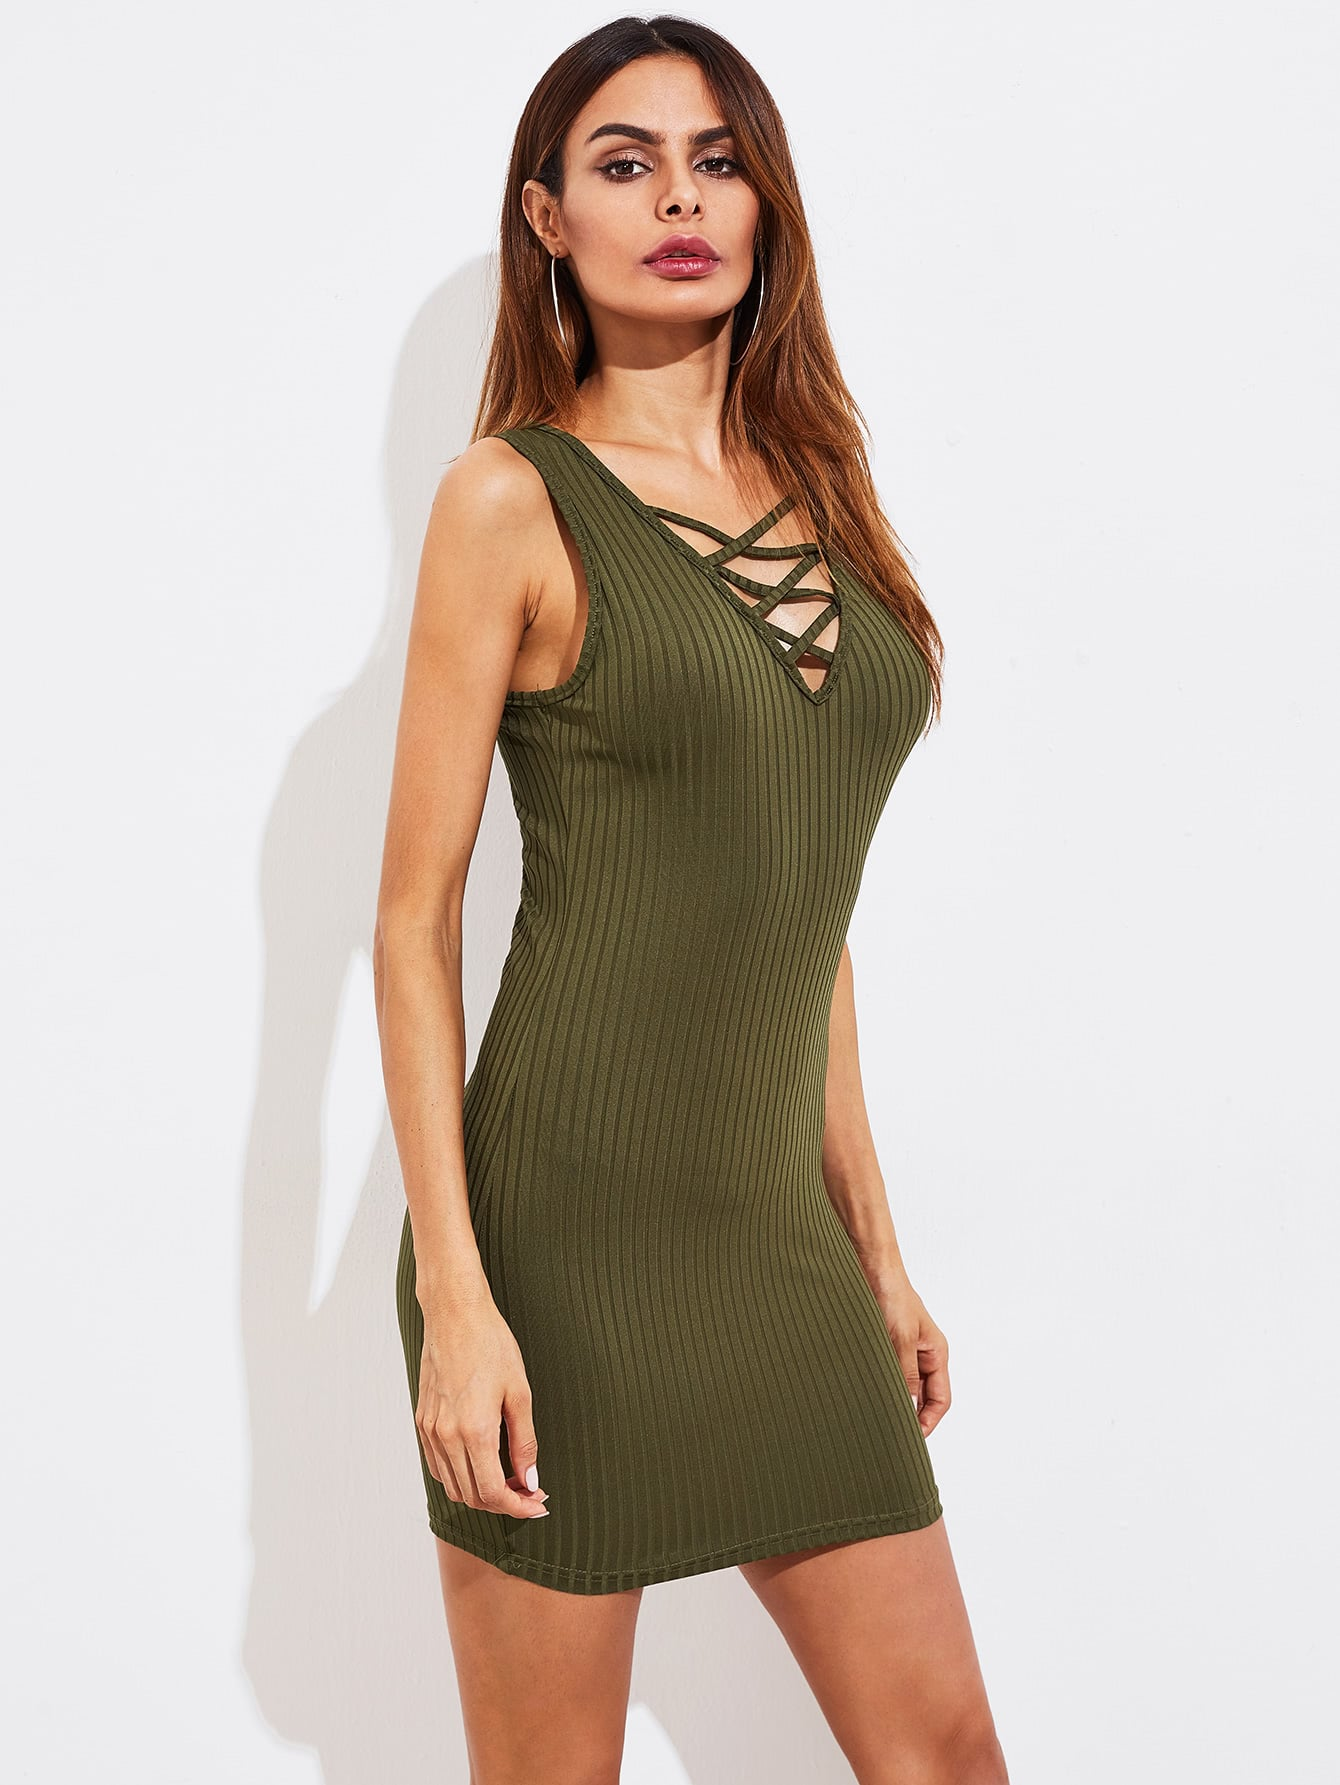 Crisscross Neck Rib Knit Dress dress170823454